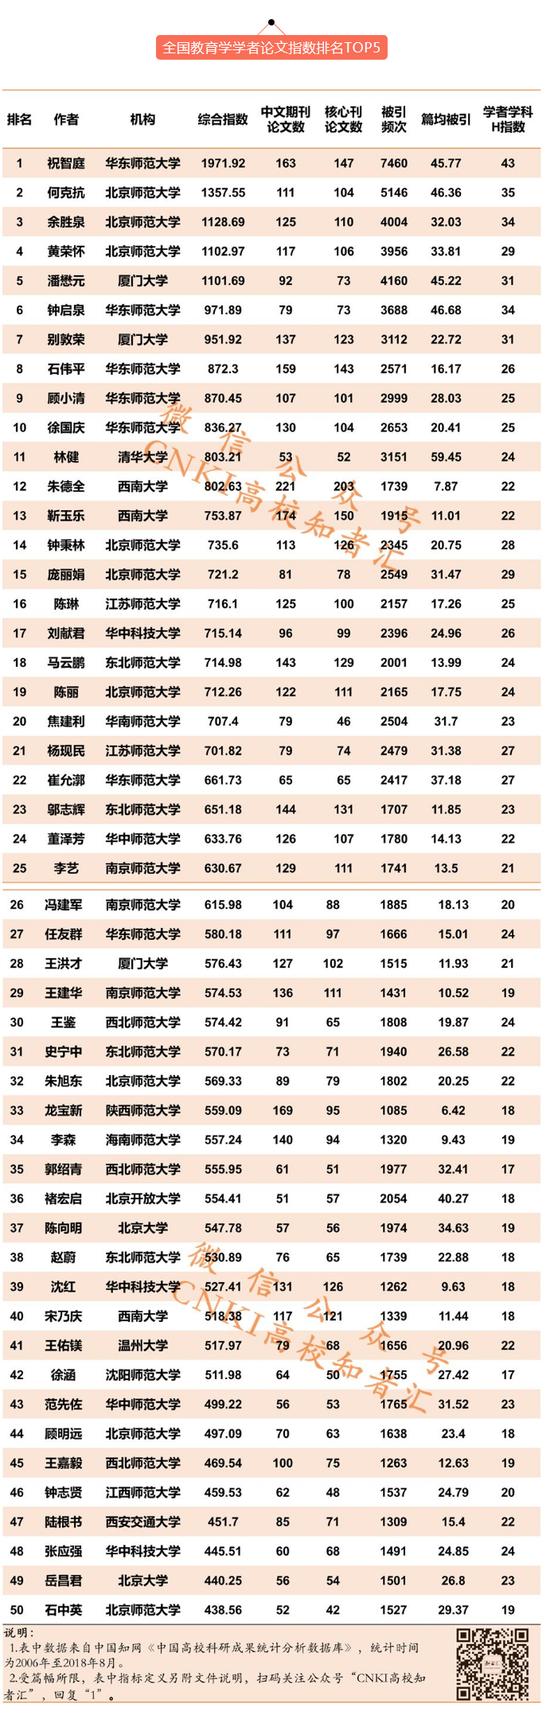 学者论文指数排行榜发布